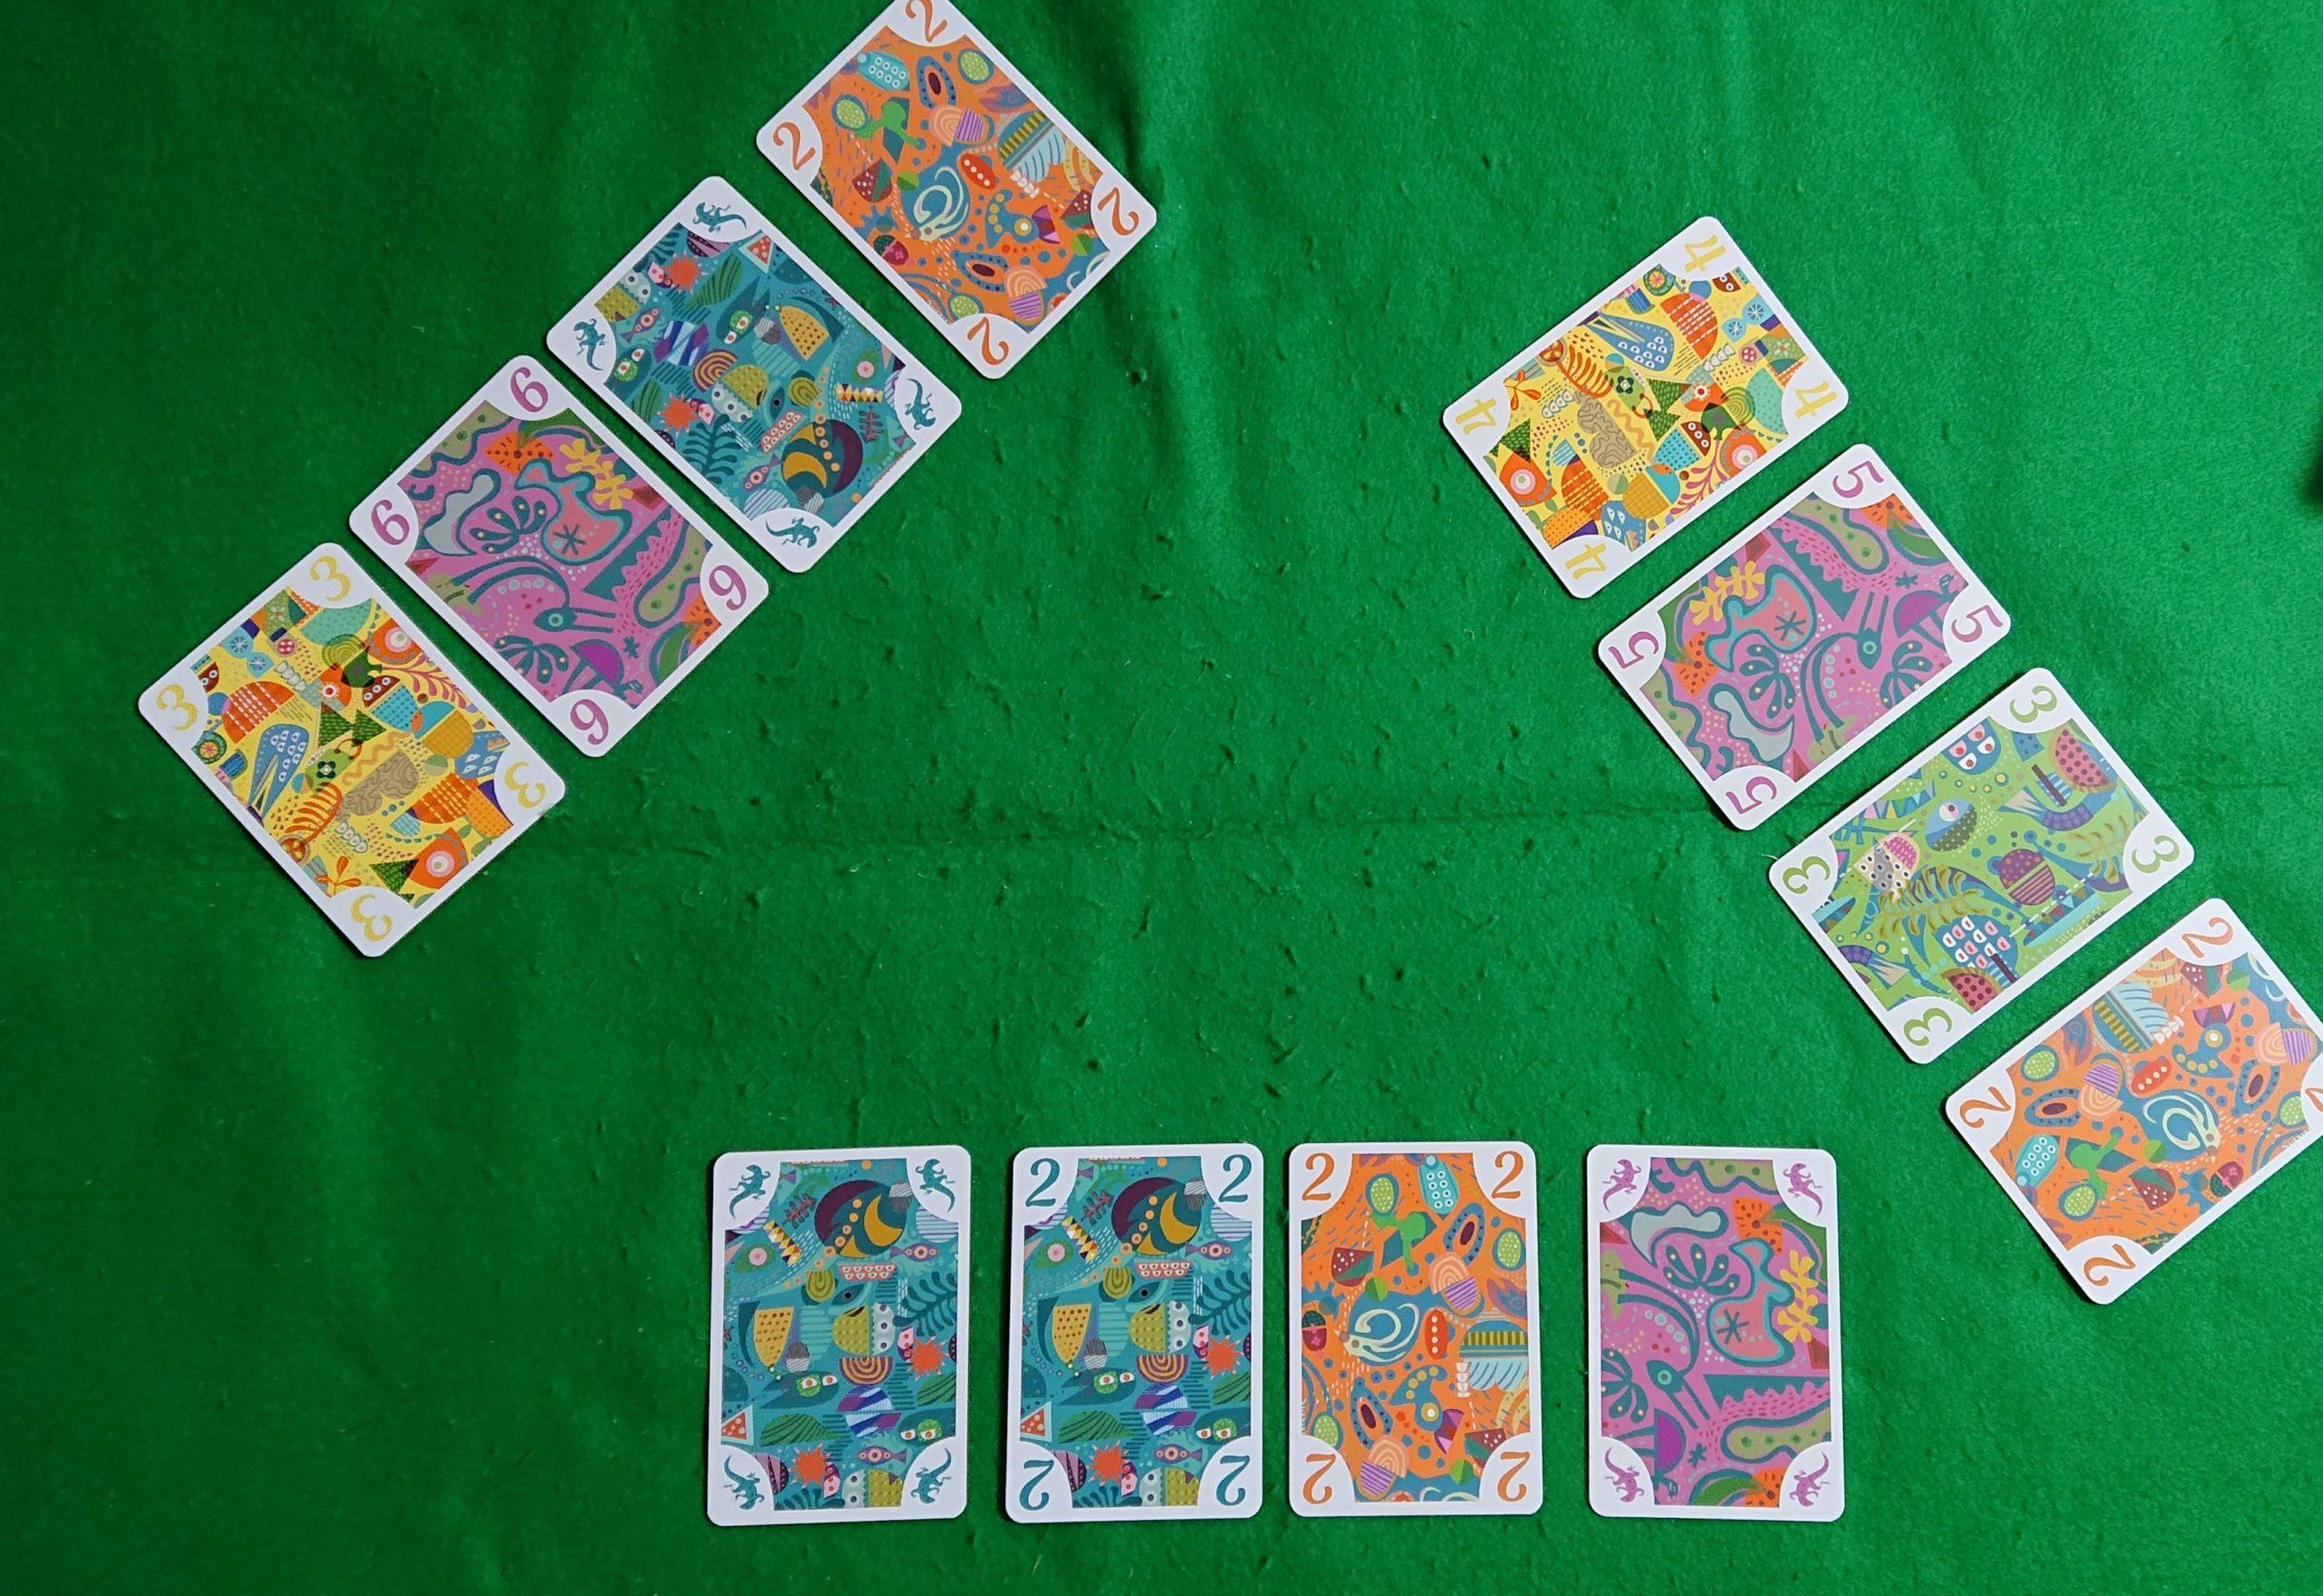 5211 ルール&レビュー 色のマジョリティーを取ろう! カードゲーム ボードゲーム